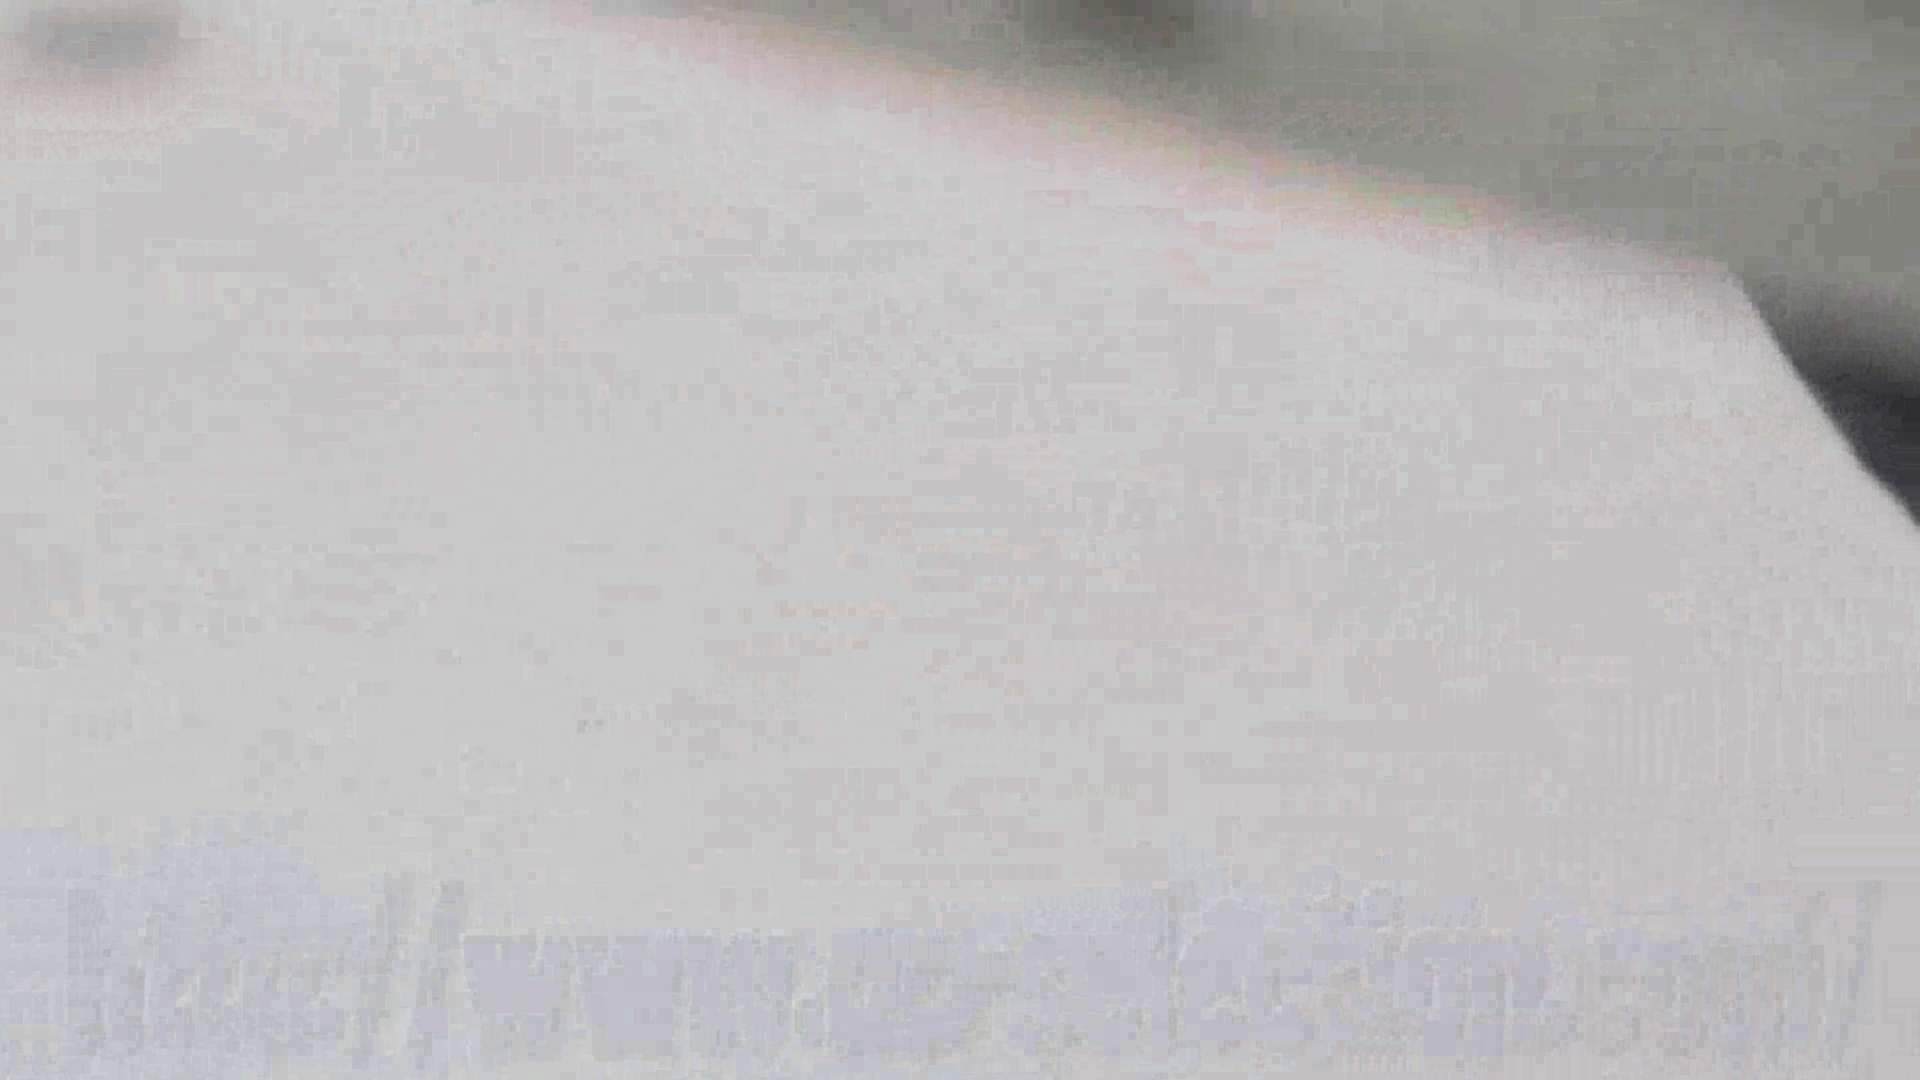 なんだこれ!! Vol.08 遂に美女登場!! HなOL | 潜入シリーズ  105pic 78